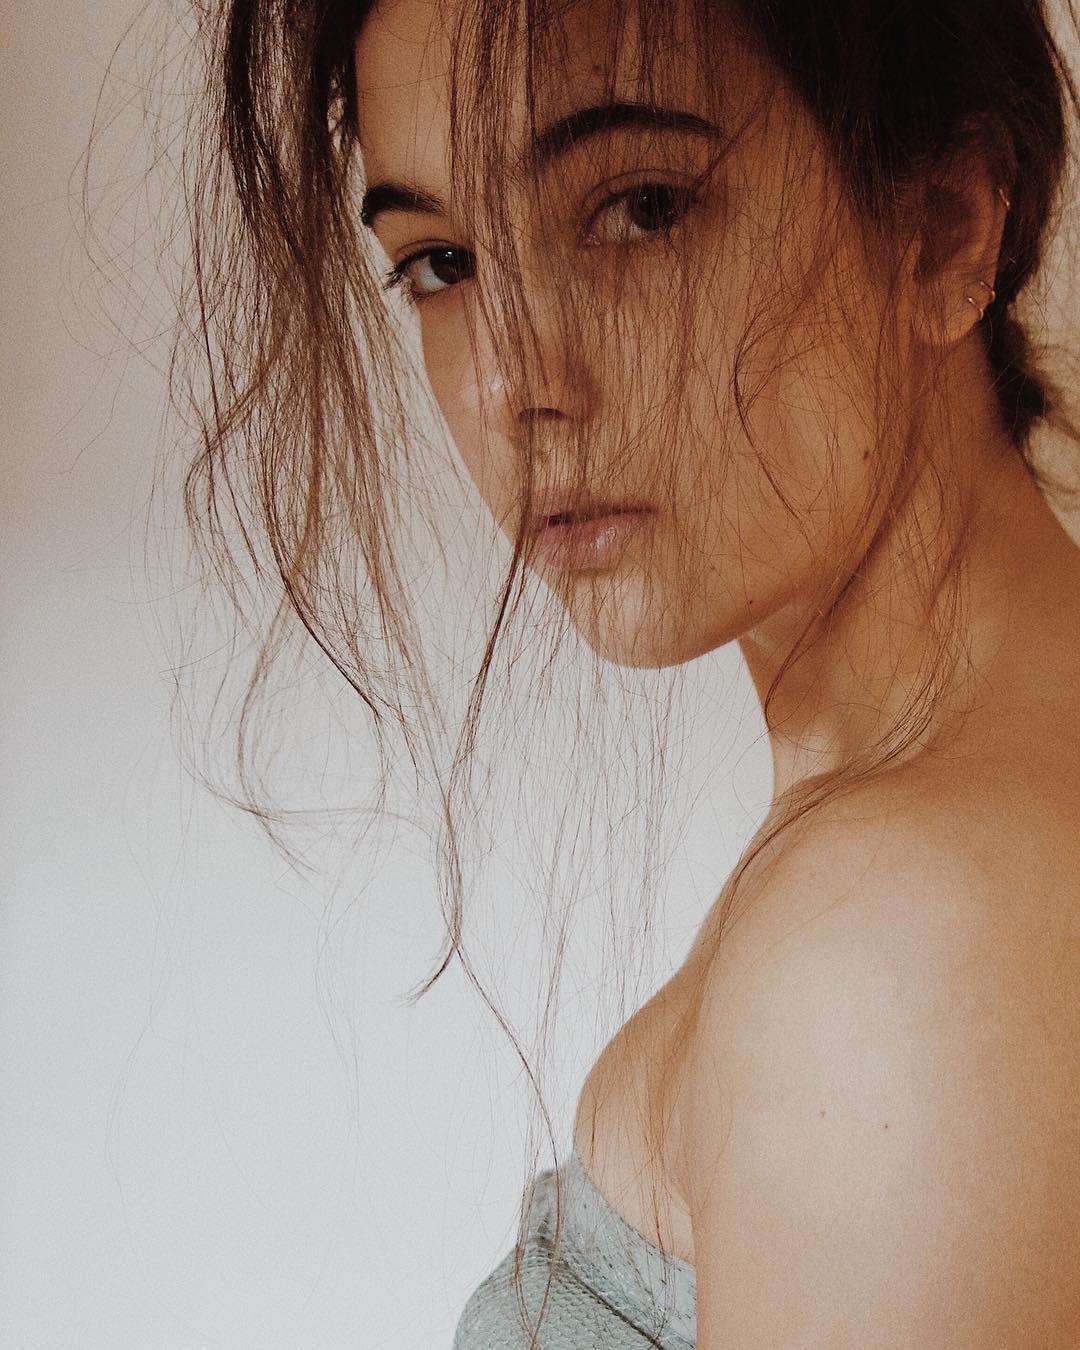 Чувственные автопортреты от Джоанны Пунз